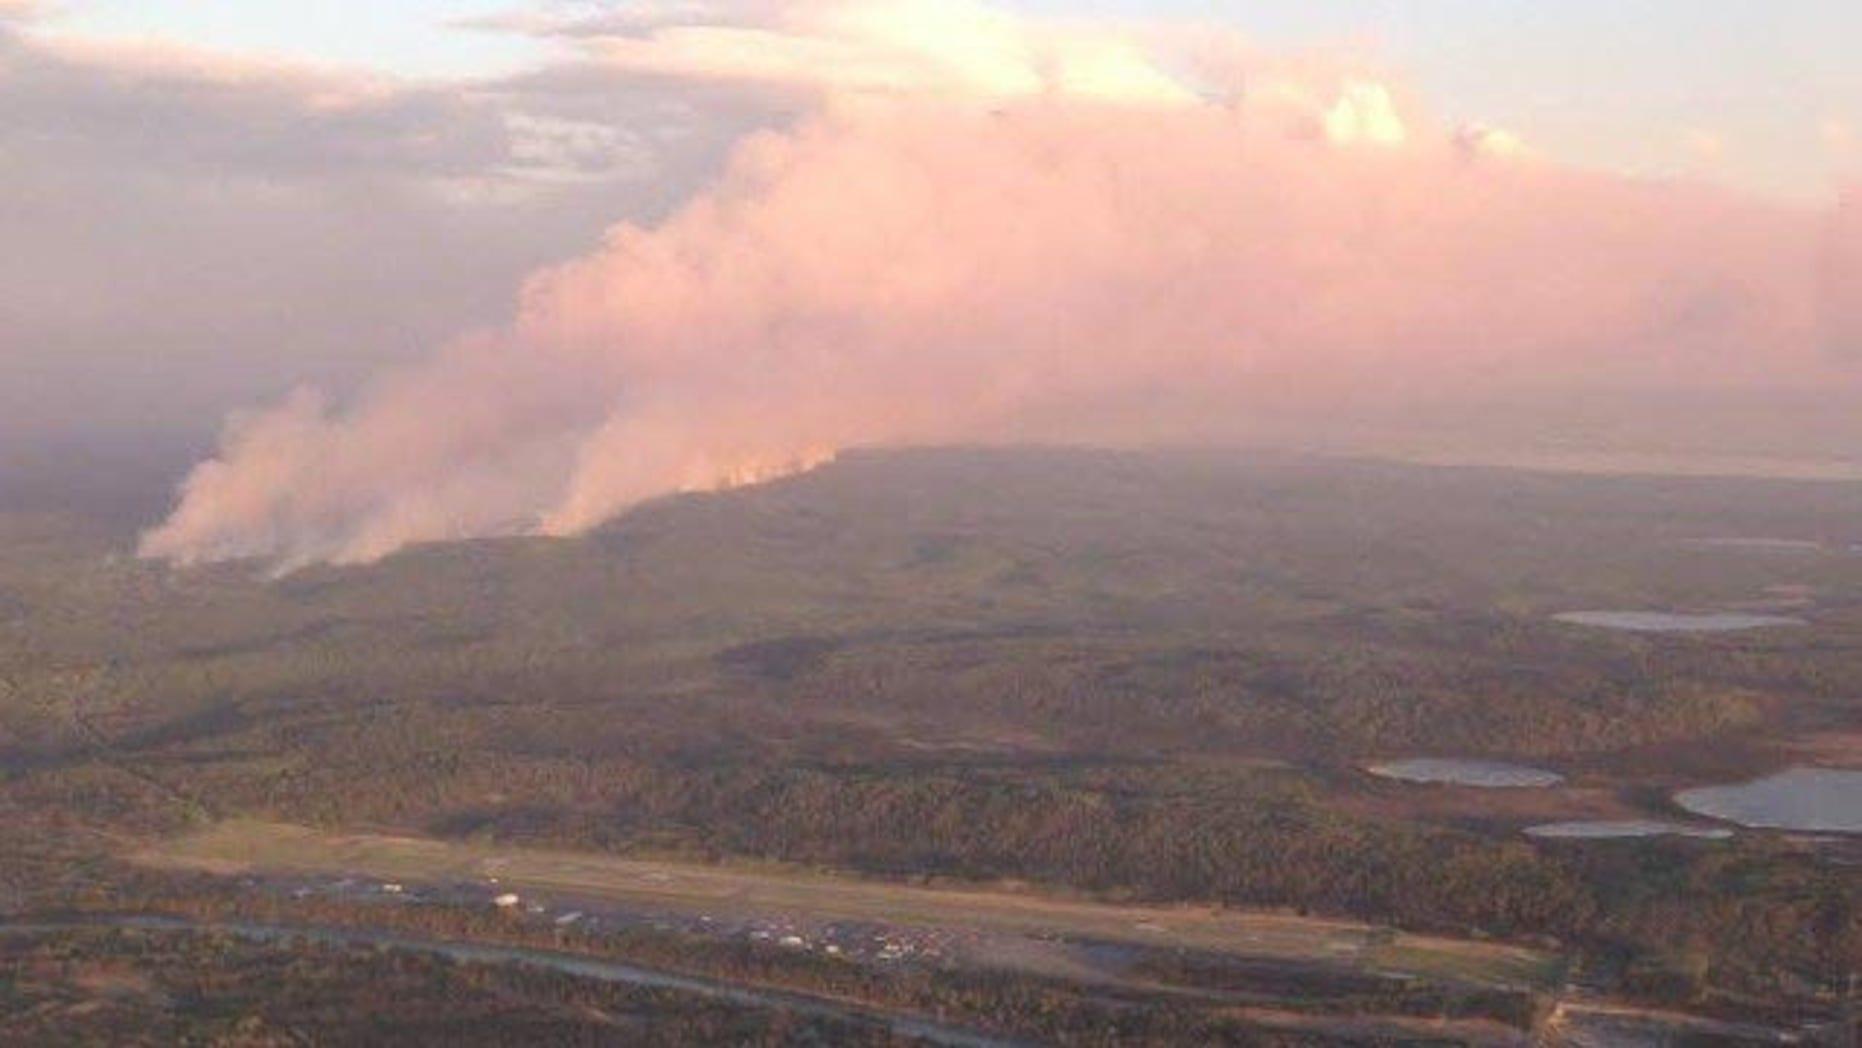 May 25, 2014: Smoke from a wildfire rises over Alaska's Kenai Peninsula (Alaska Division of Forestry)